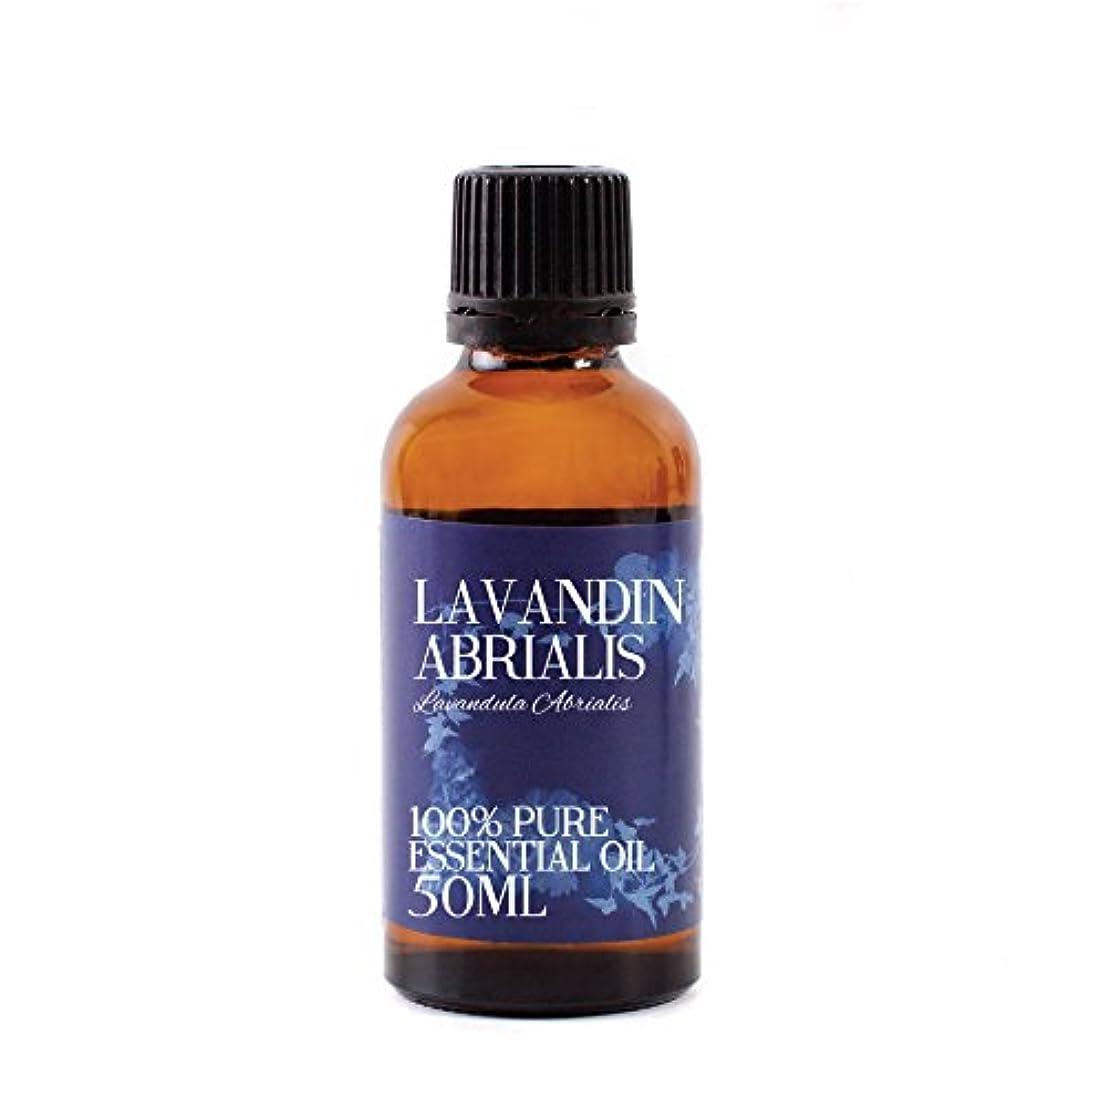 国勢調査必要としているブランデーMystic Moments | Lavandin Abrialis Essential Oil - 50ml - 100% Pure